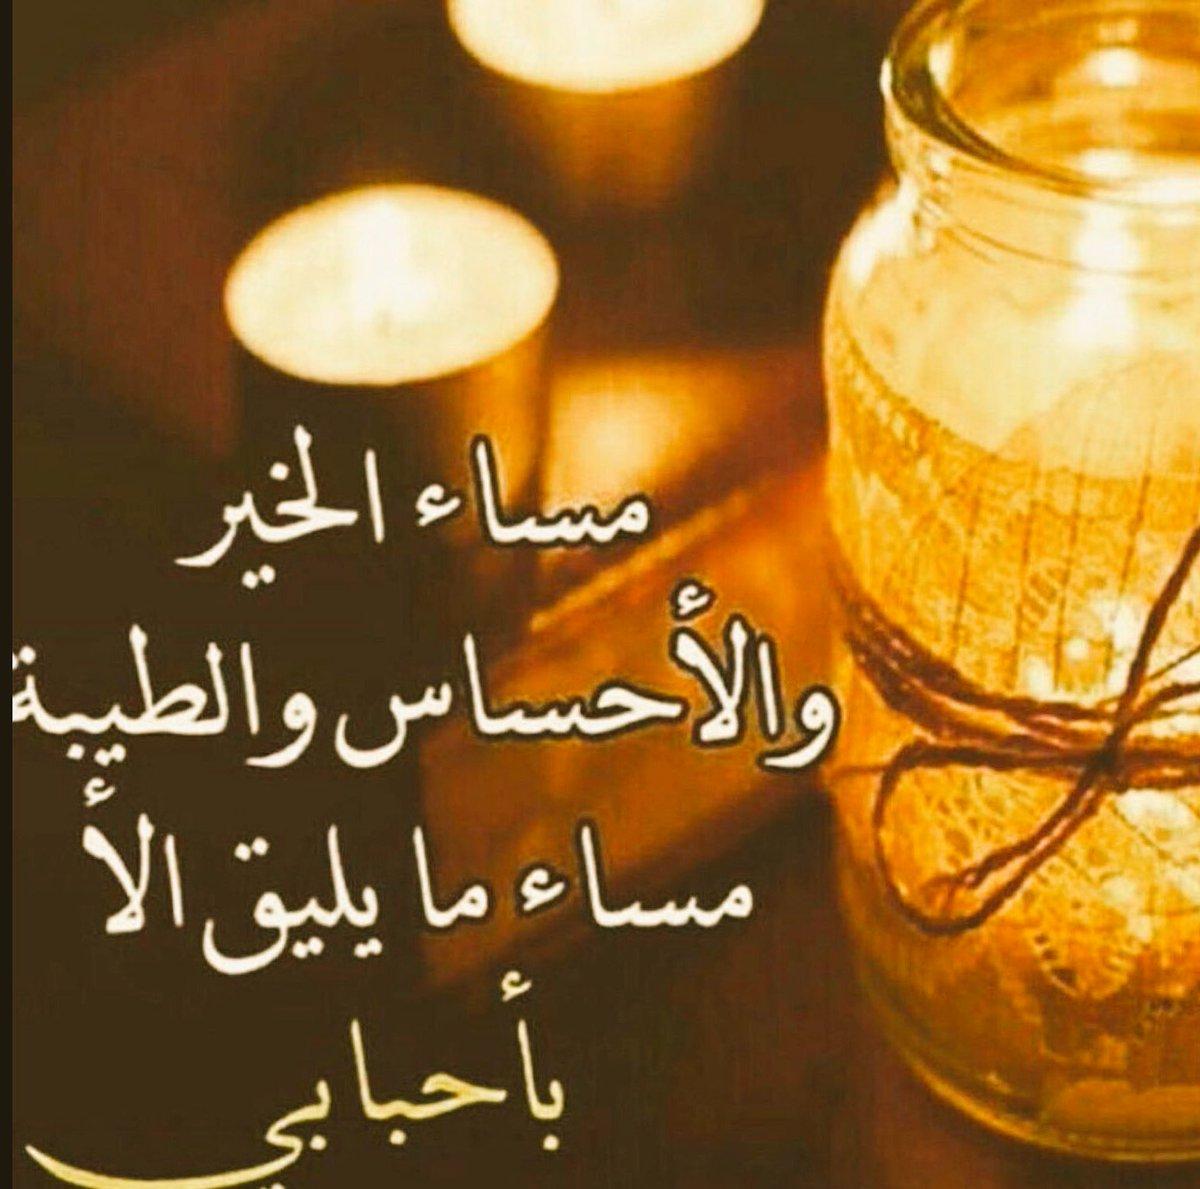 بالصور مساء الخير شعر قصير , كلمات قصيره تعبر عن جمال المساء 5760 5